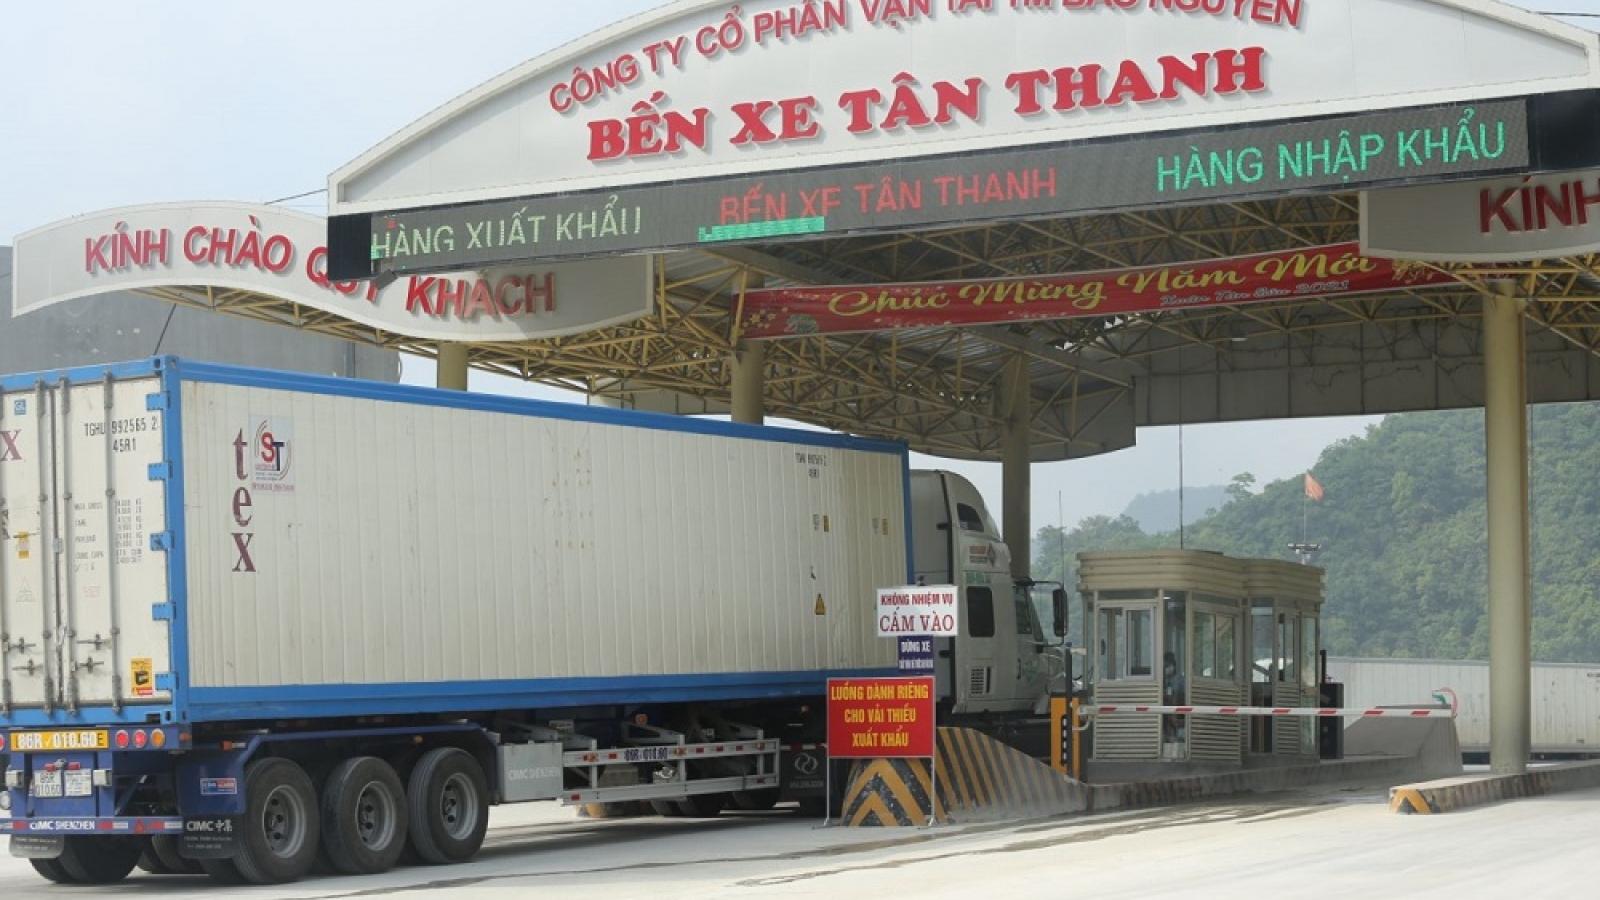 Hàng trăm xe hàng chờ làm thủ tục tại Tân Thanh do phía Trung Quốc tạm ngừng thông quan